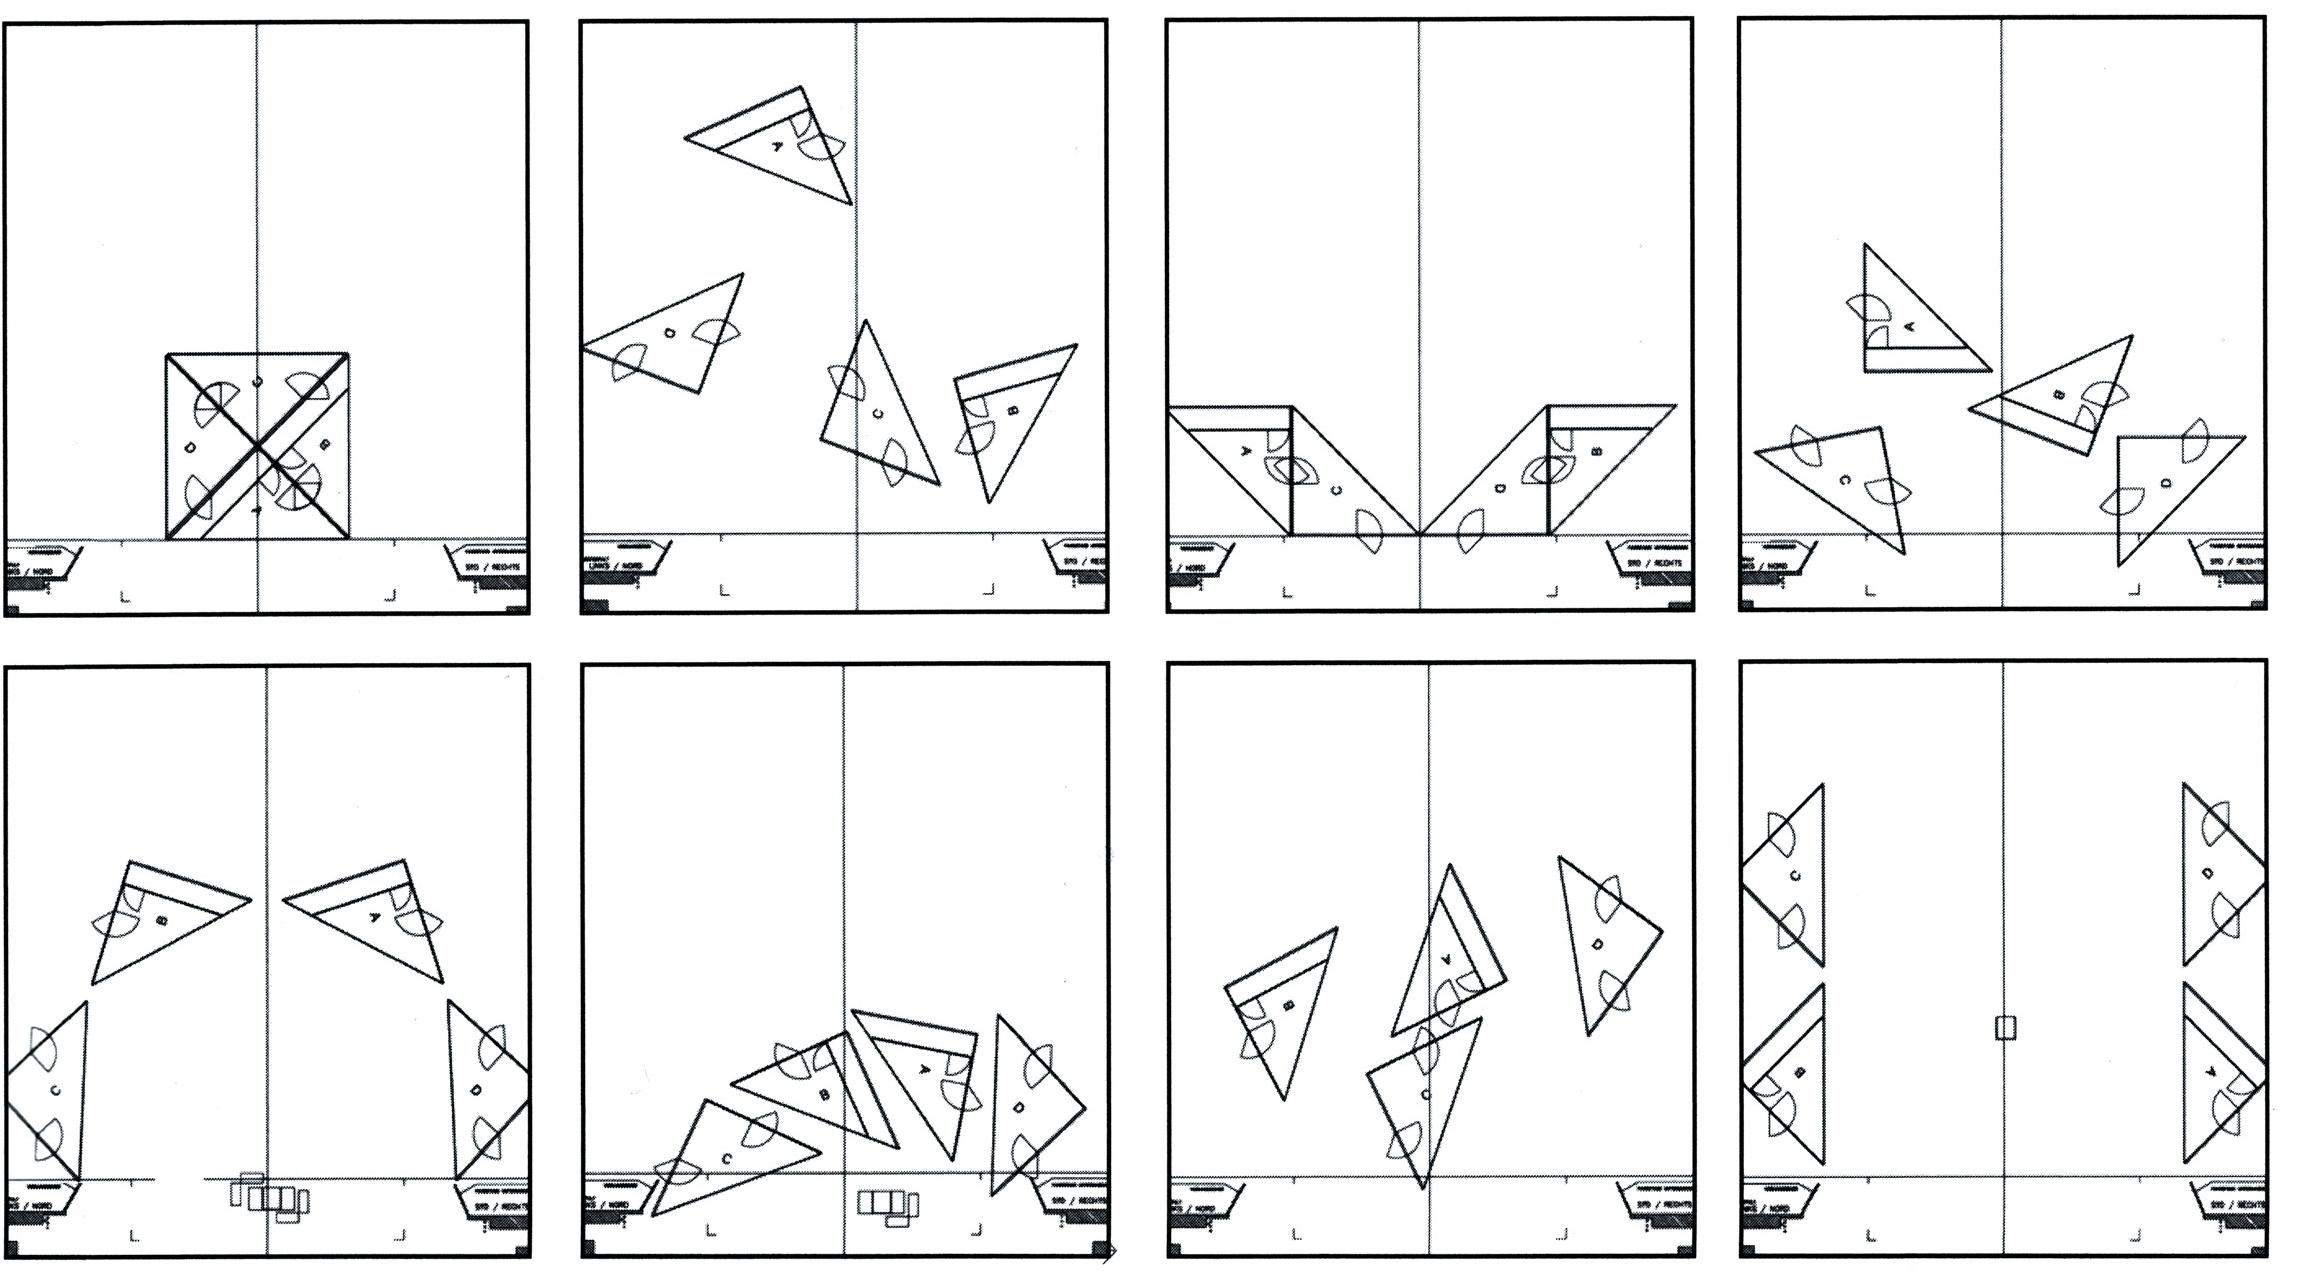 [[Grundriss der Bühne mit den 4 Prismen///Floor plan of the stage with the 4 prisms]]